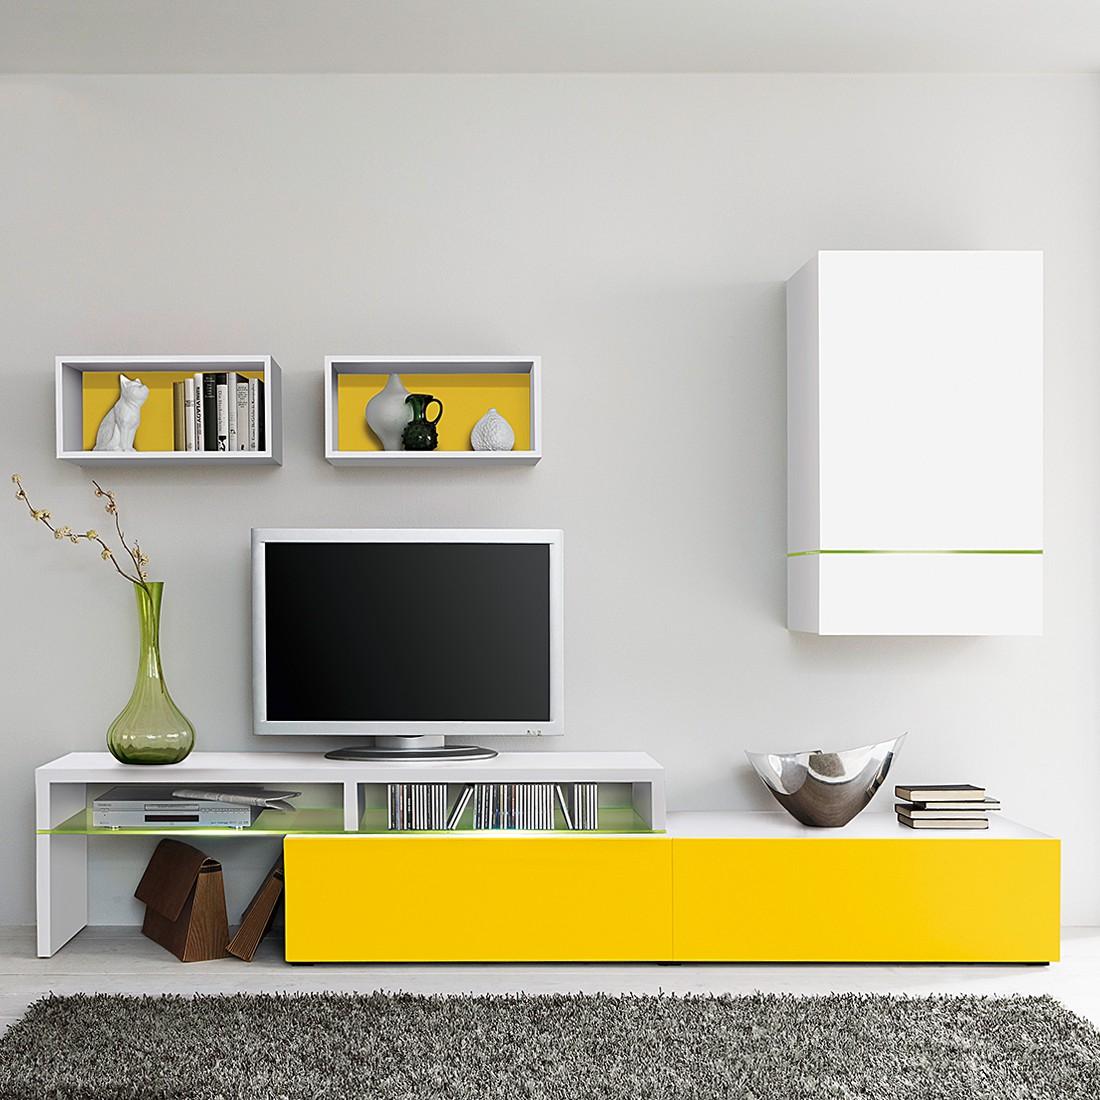 Wohnwand ColourArt I (5 Teilig)   Ohne Beleuchtung   Weiß / Gelb,